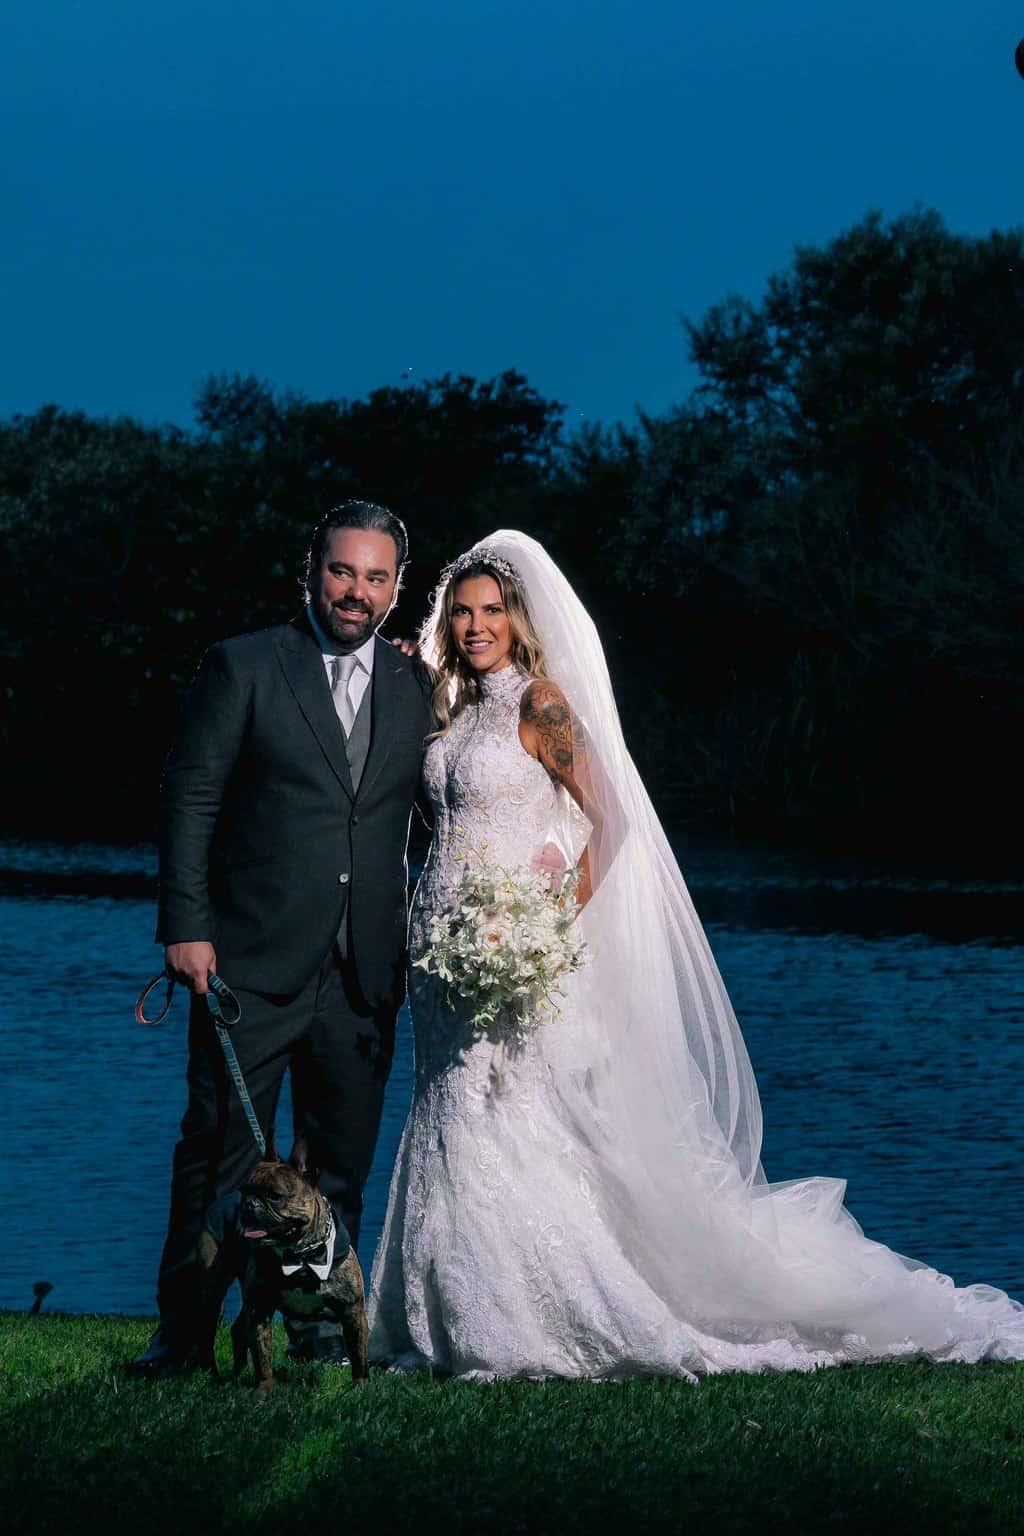 casamento-Marcela-e-Luciano-foto-dos-noivos-fotografia-Torin-Zanette-fotos-a-tarde-fotos-dos-noivos-no-altar-noivos-no-altar18